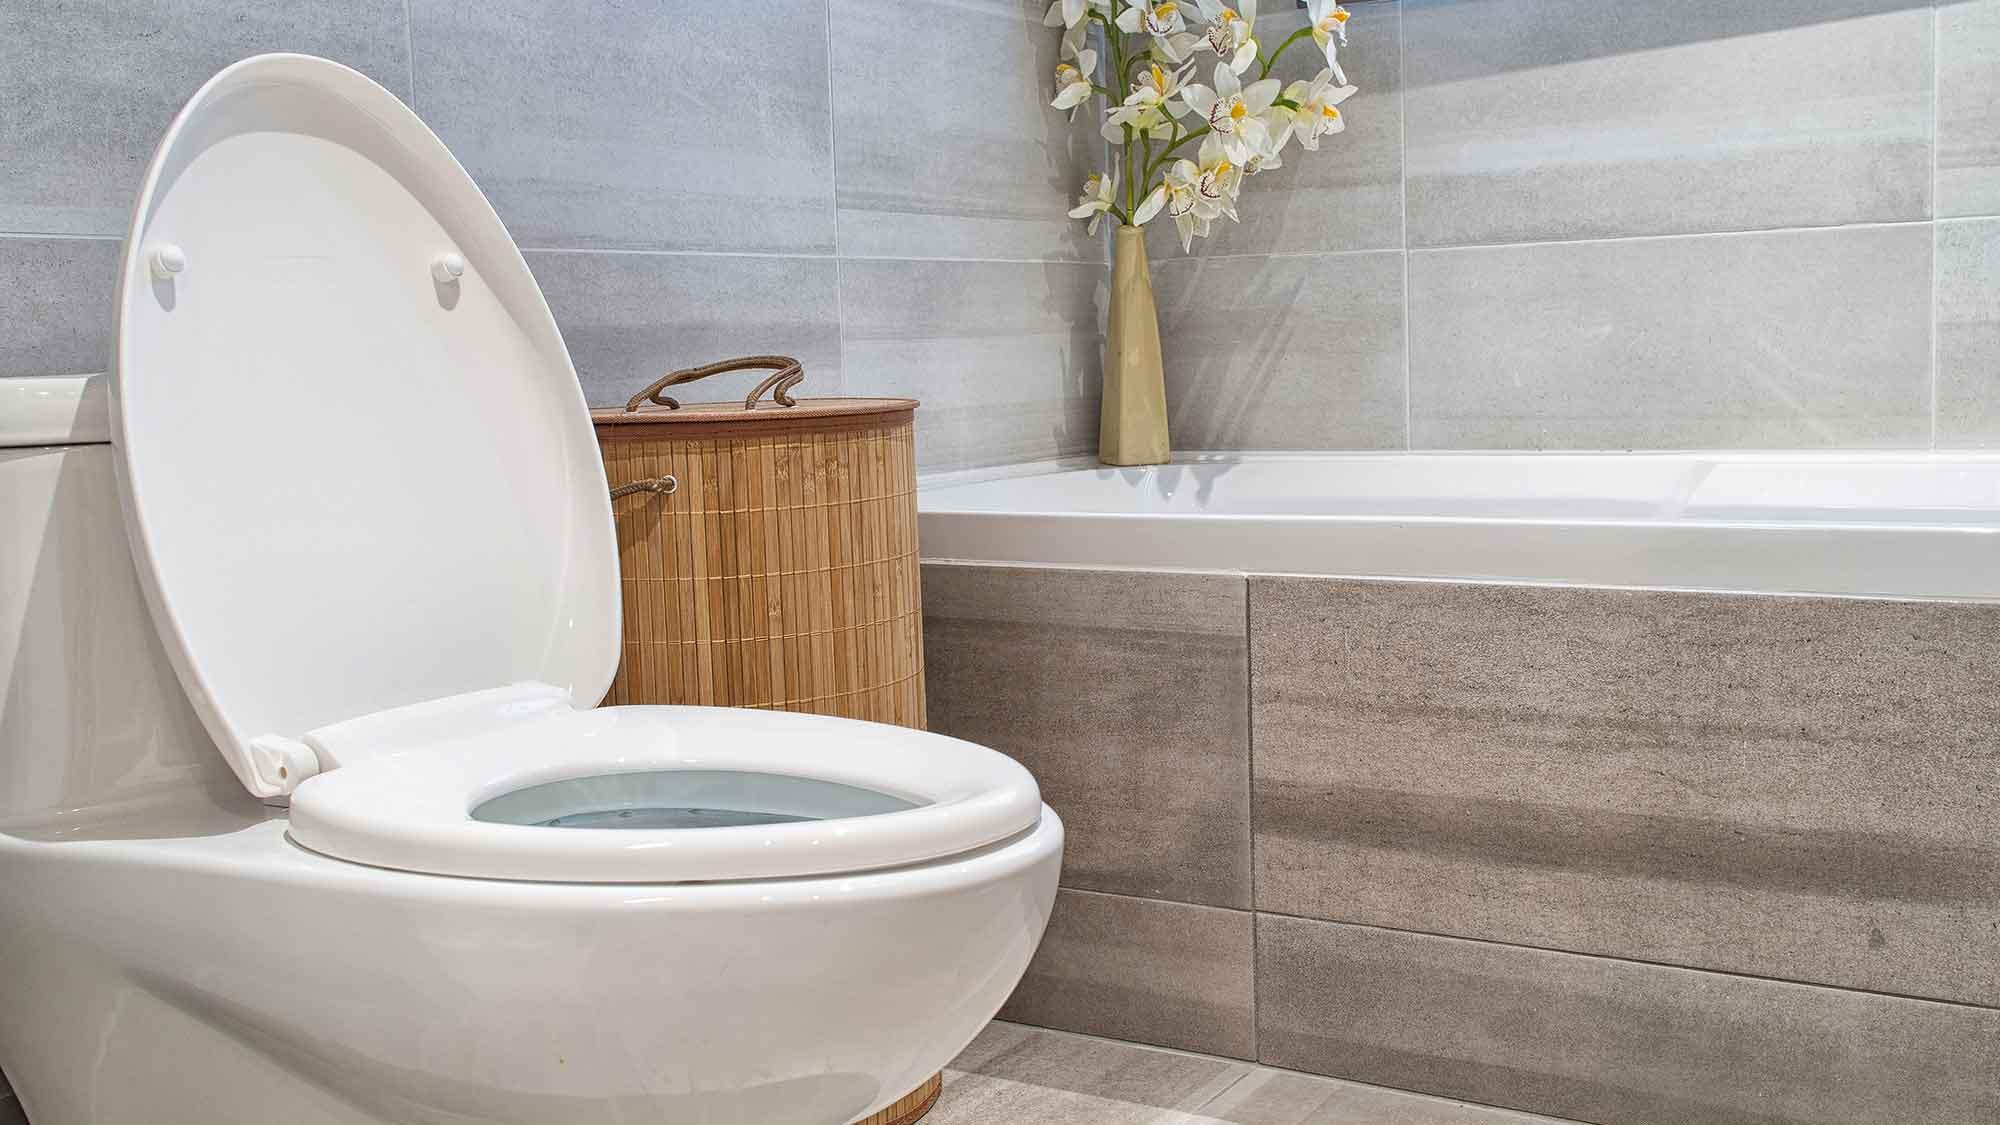 saniflo engineer essex maintenance leigh on sea toilet